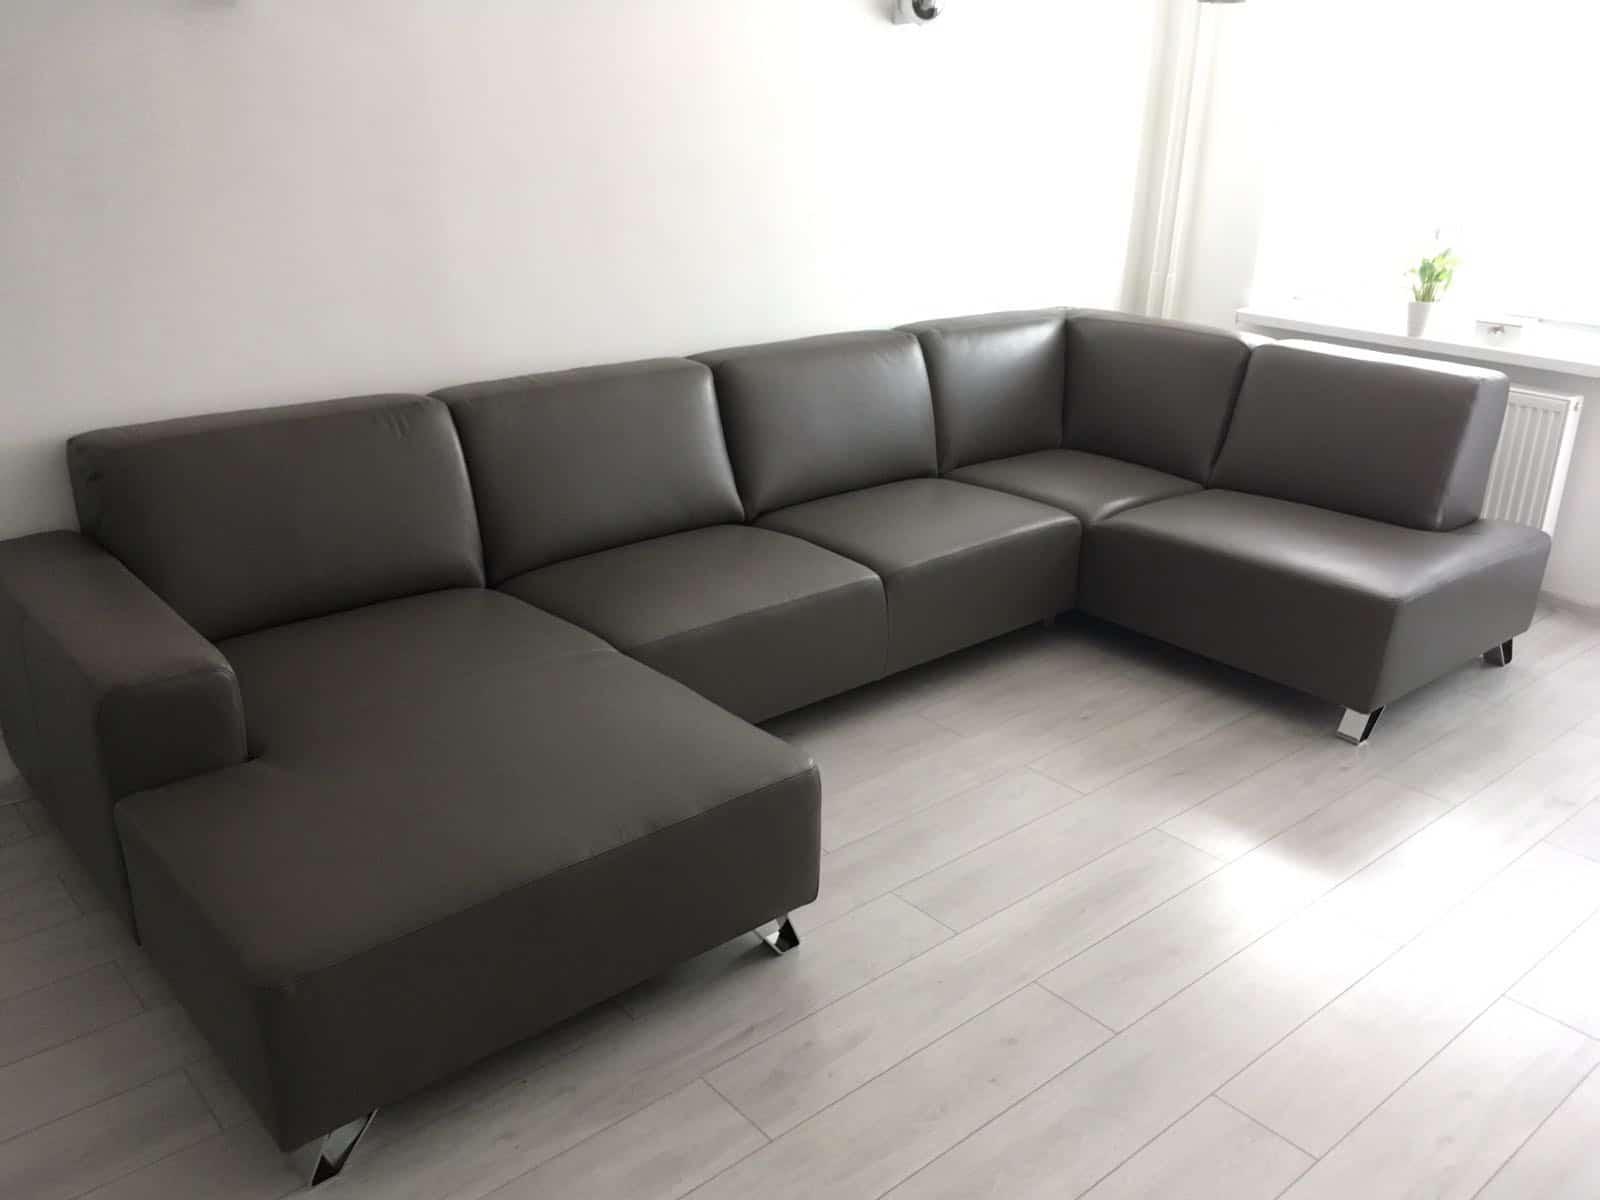 Luxusná sedacia súprava Tomi učko v prevedení Pravej kože Milano, rozmer:(160x355x185cm) s funkciou povysunutia sedáčikov o cca 25cm.